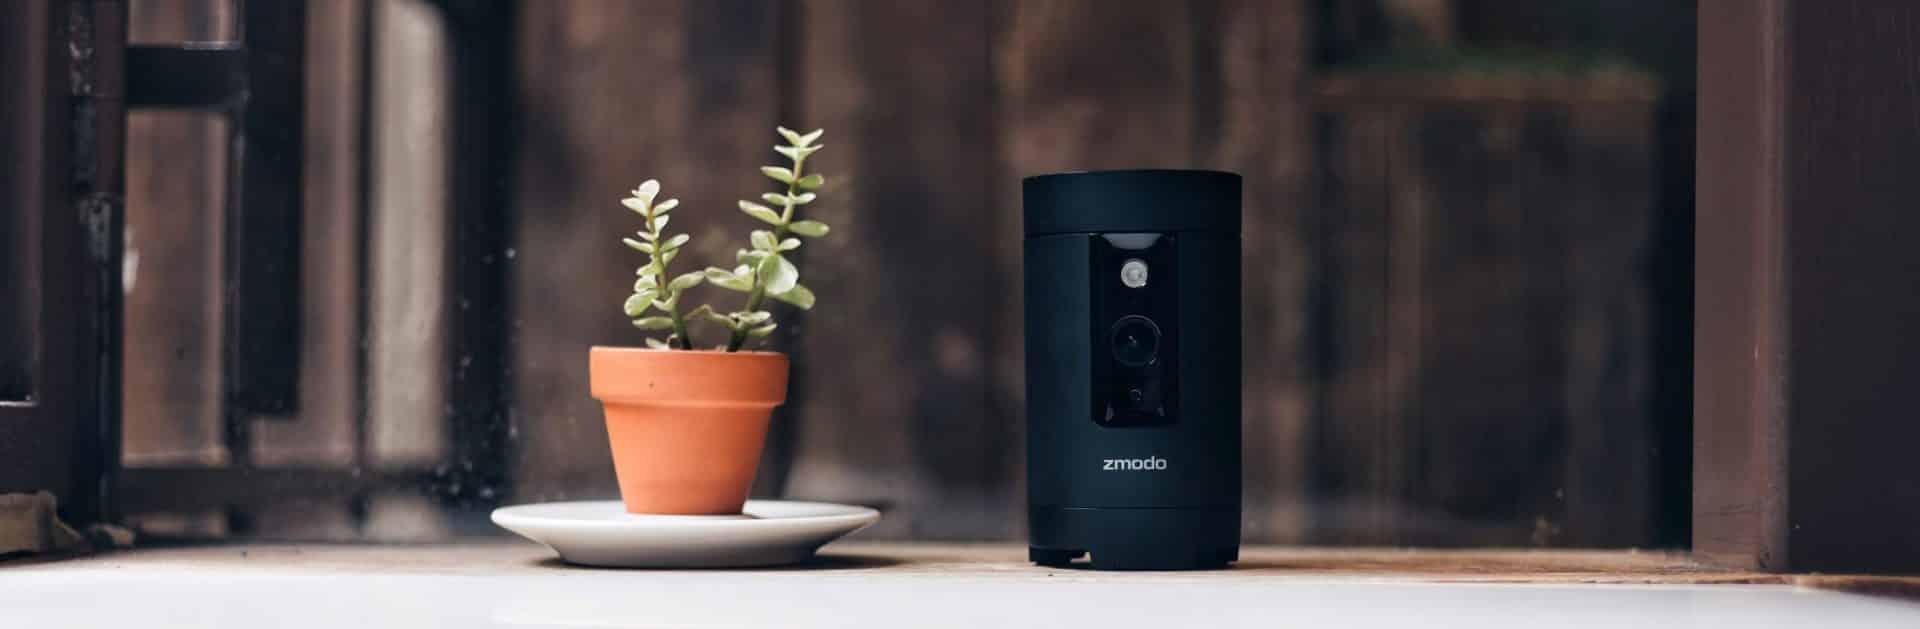 Zmodo Camera Reviews- The Zmodo Security Camera -Zmodo Pivot photo